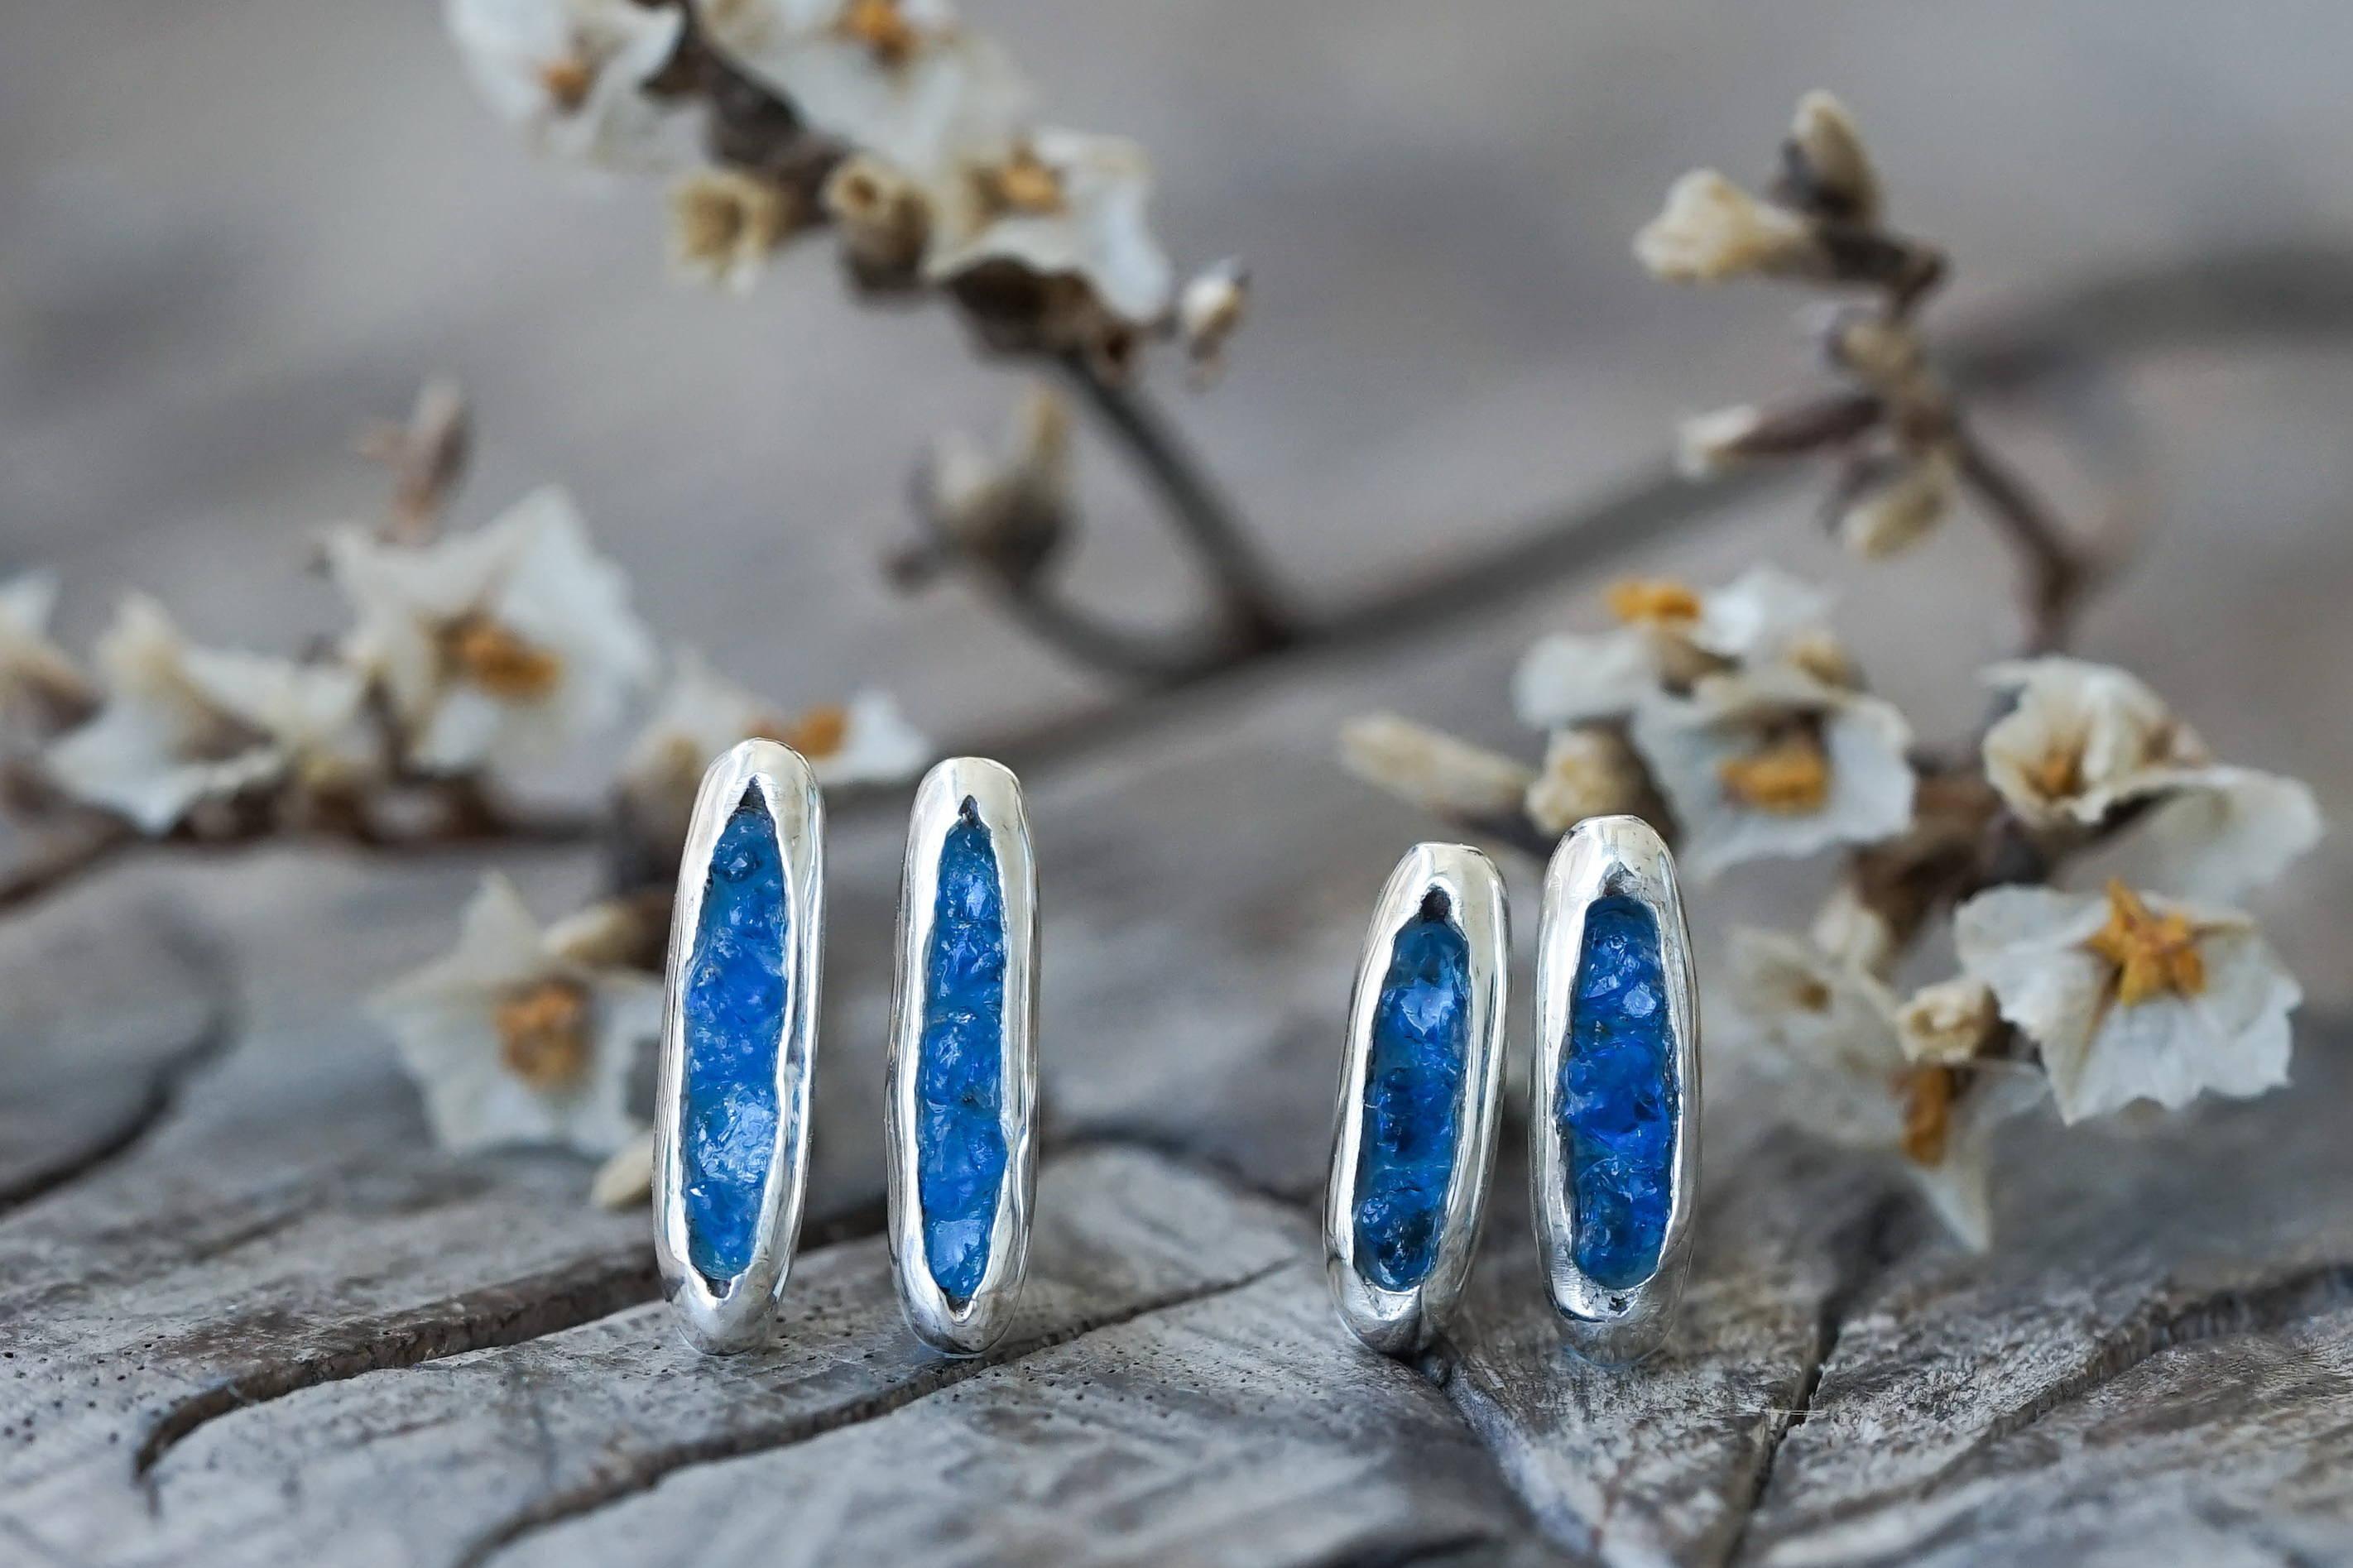 Silver hauyne earrings